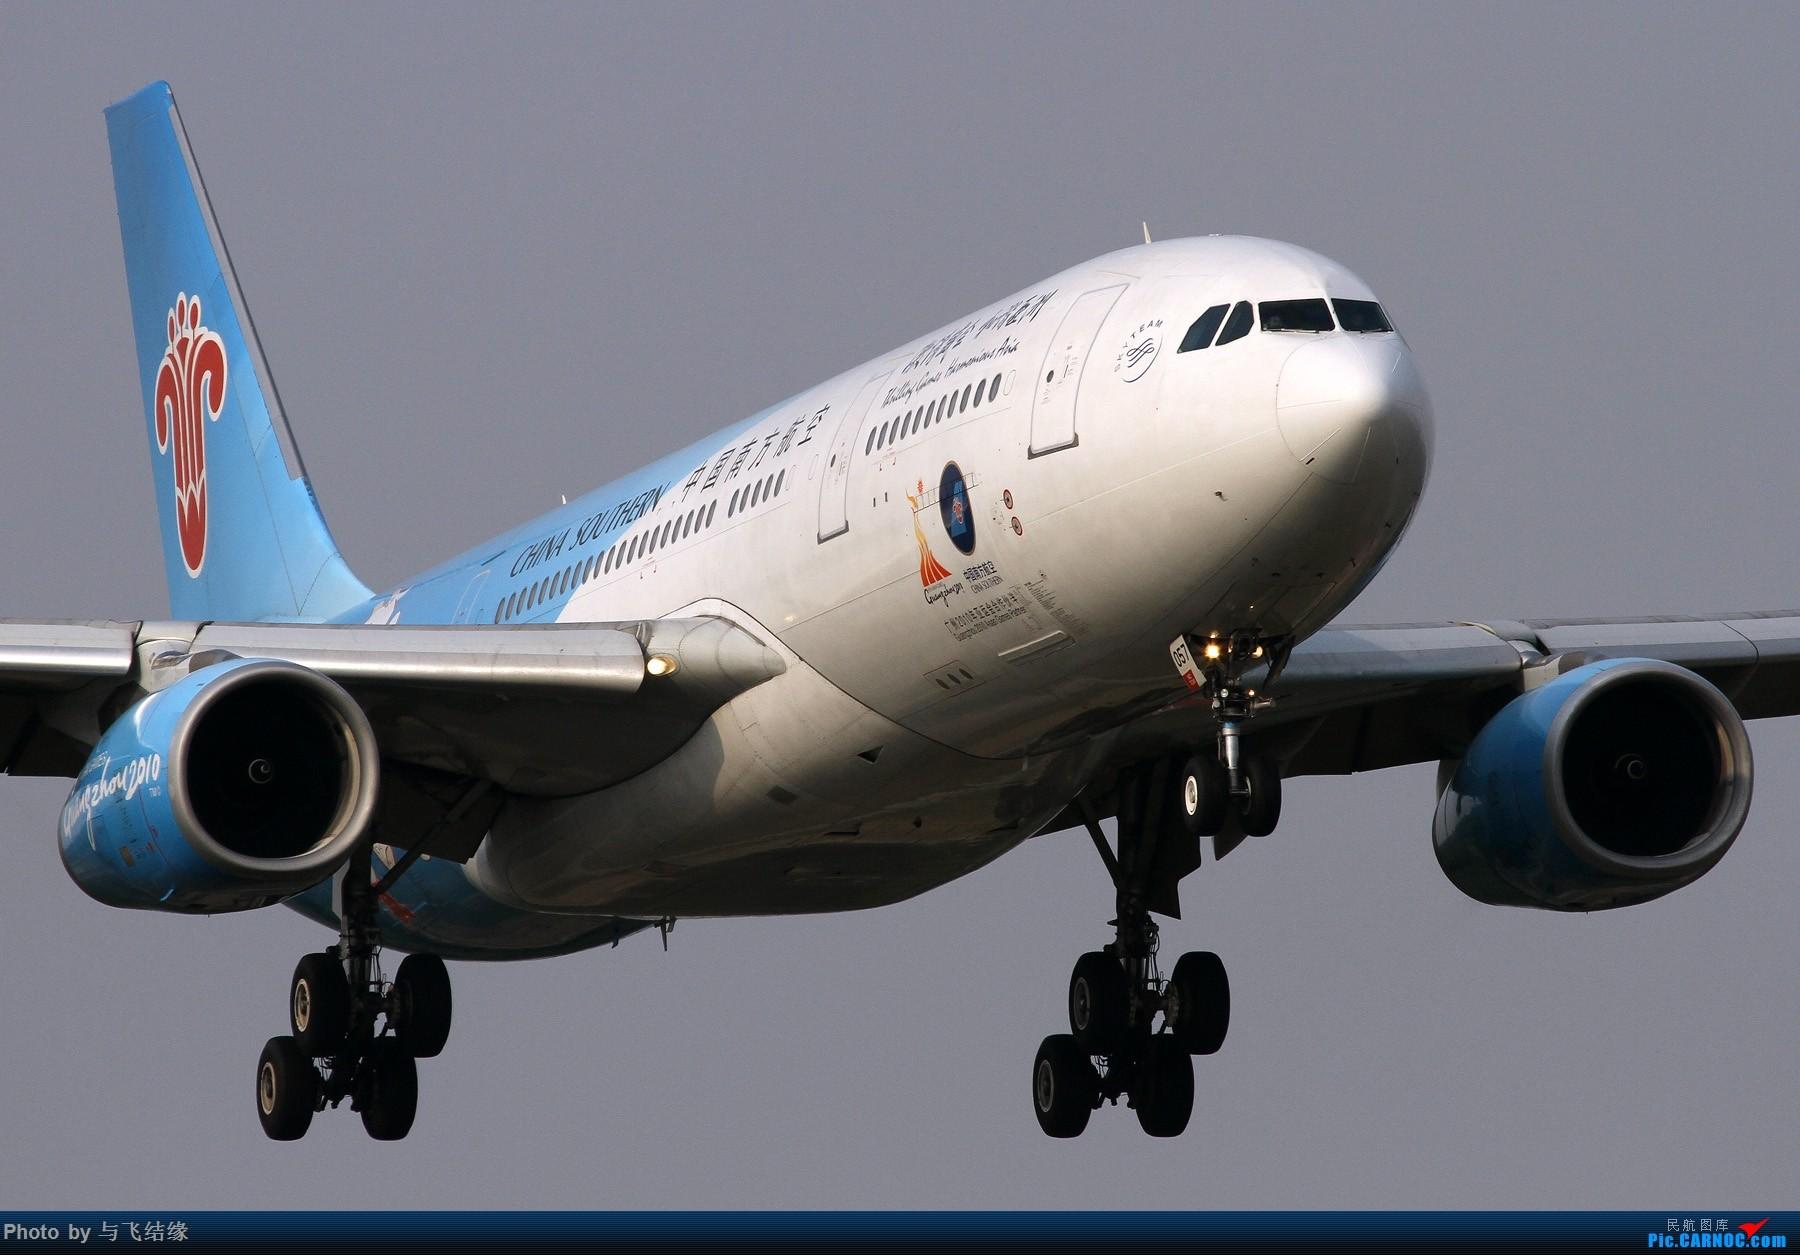 南航Airbus A330-200,B-6057的这身衣服终于换了在看看,永远留在记忆里。 AIRBUS A330-200 B-6057 中国北京首都国际机场